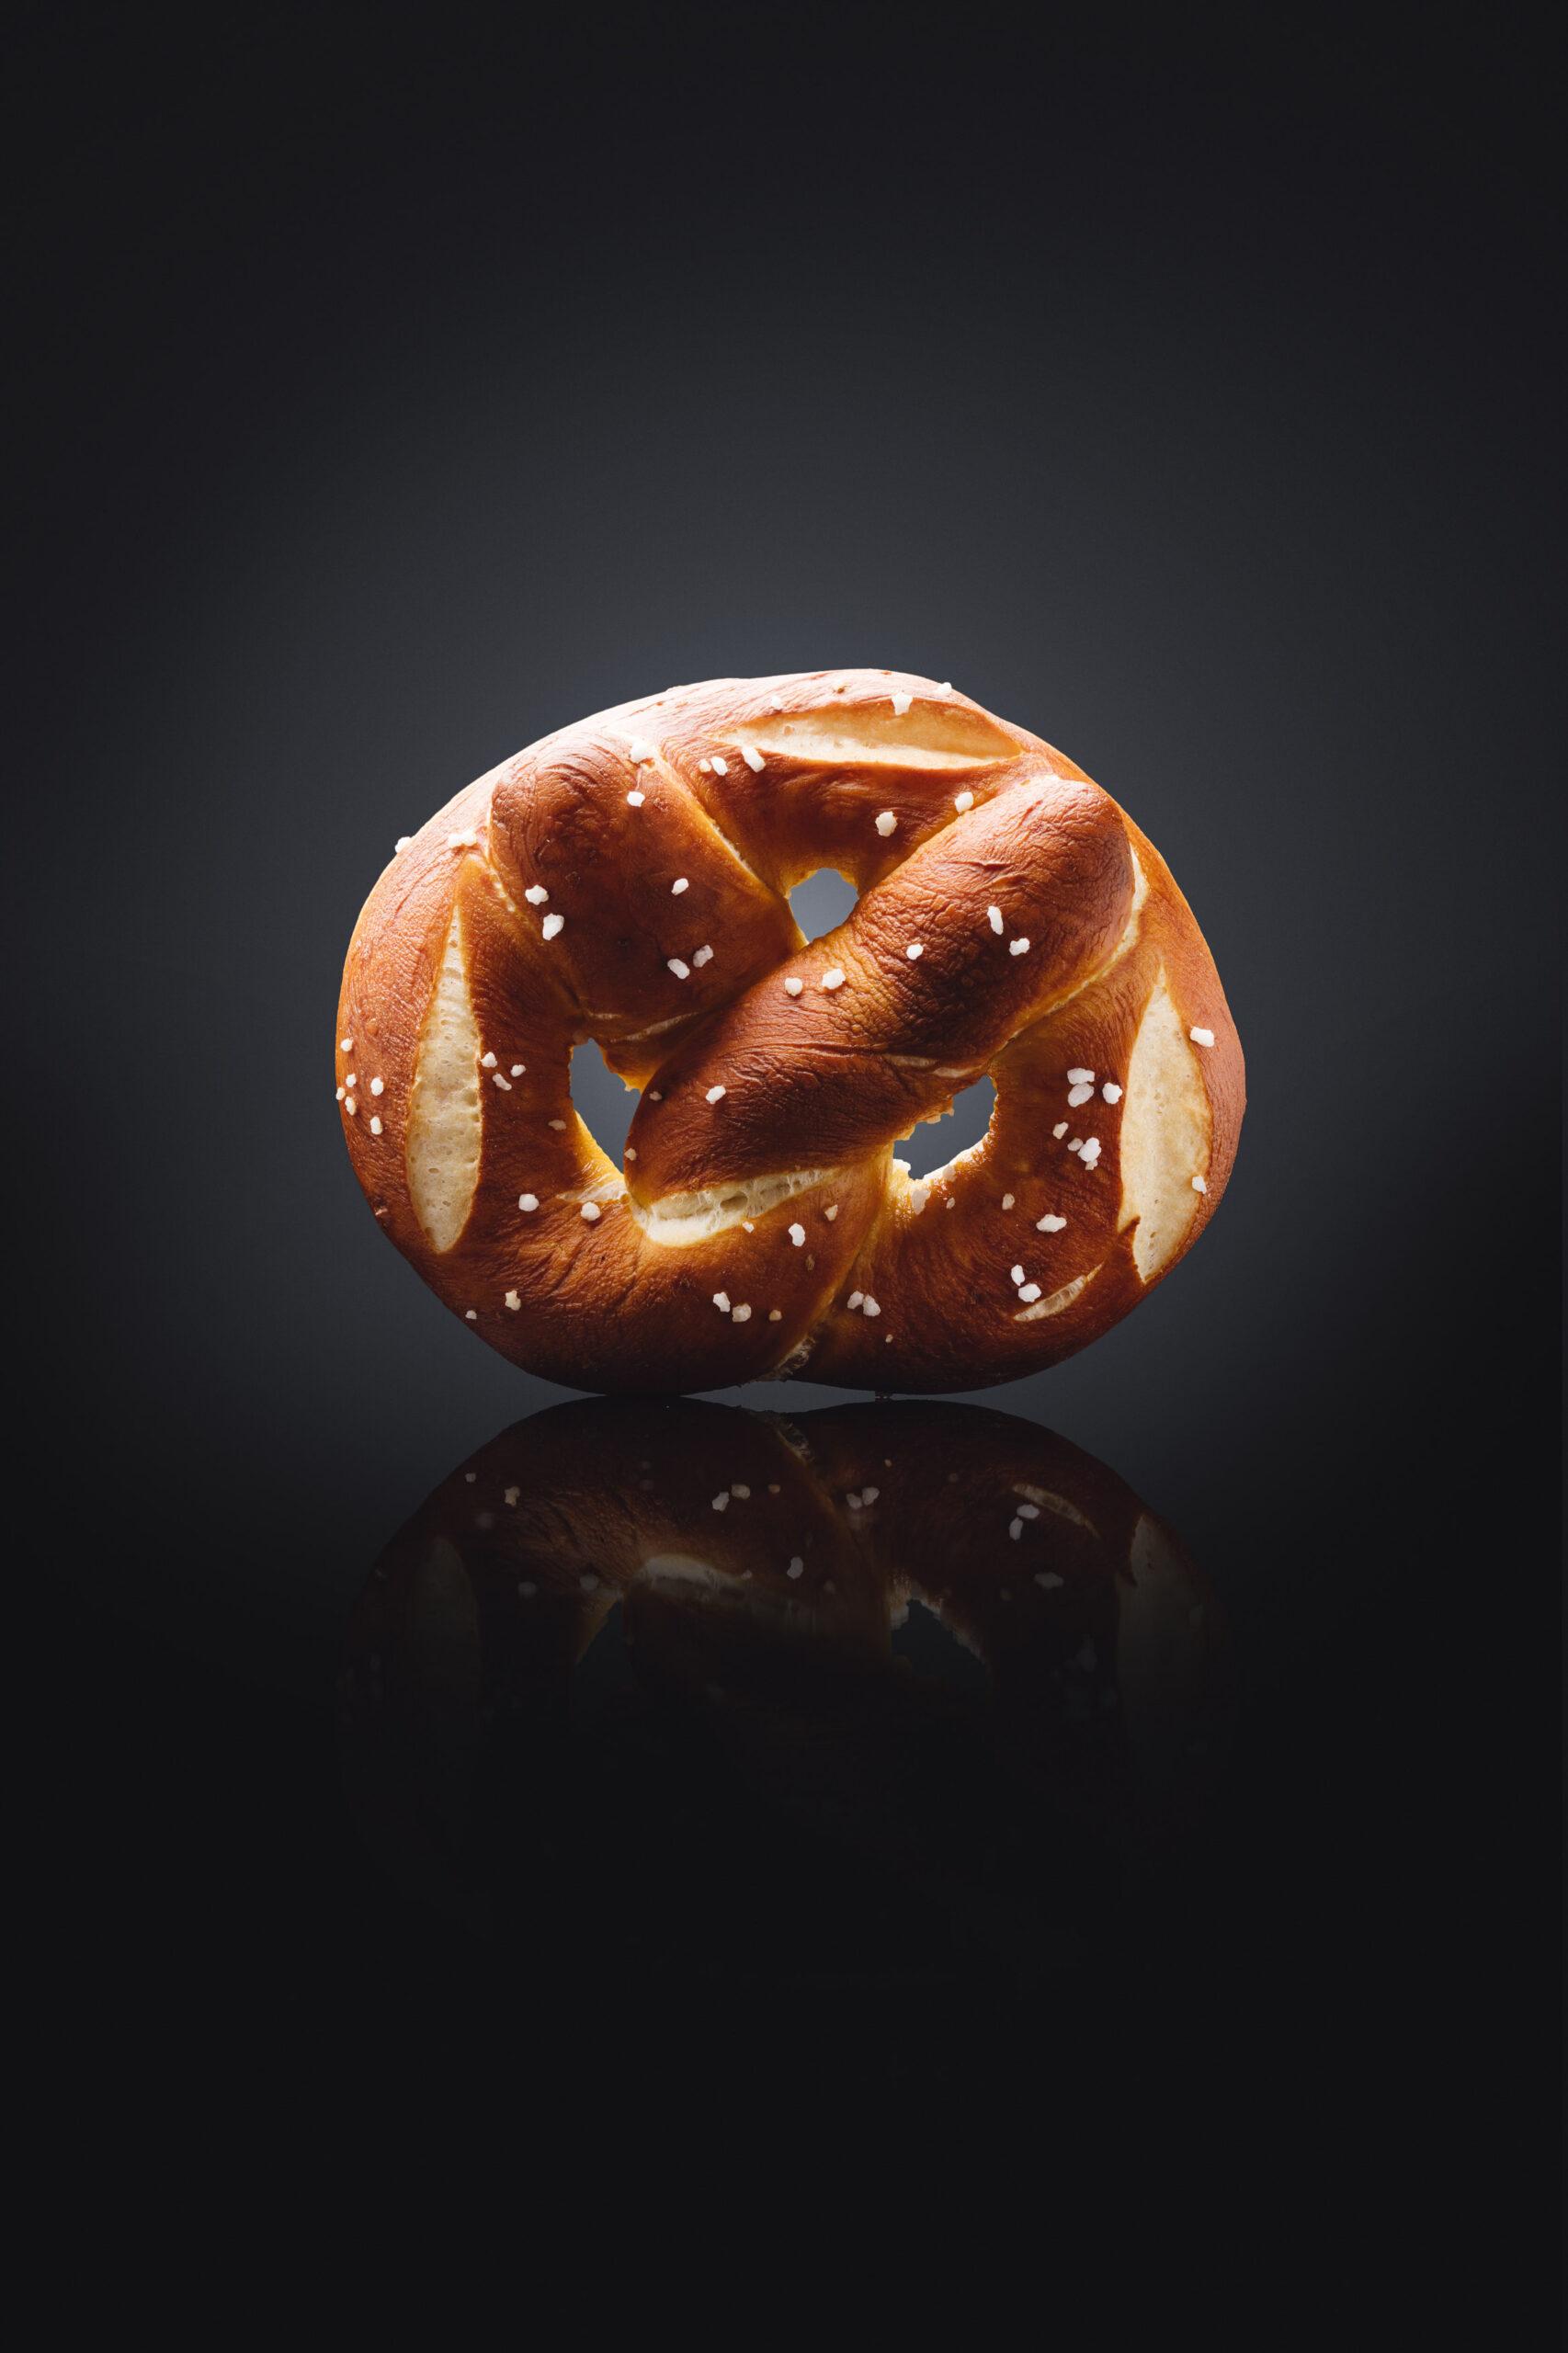 Meier & Kamer Foodfotografie: Laugenbretzel von der Bäckerei Schillig, Bürglen